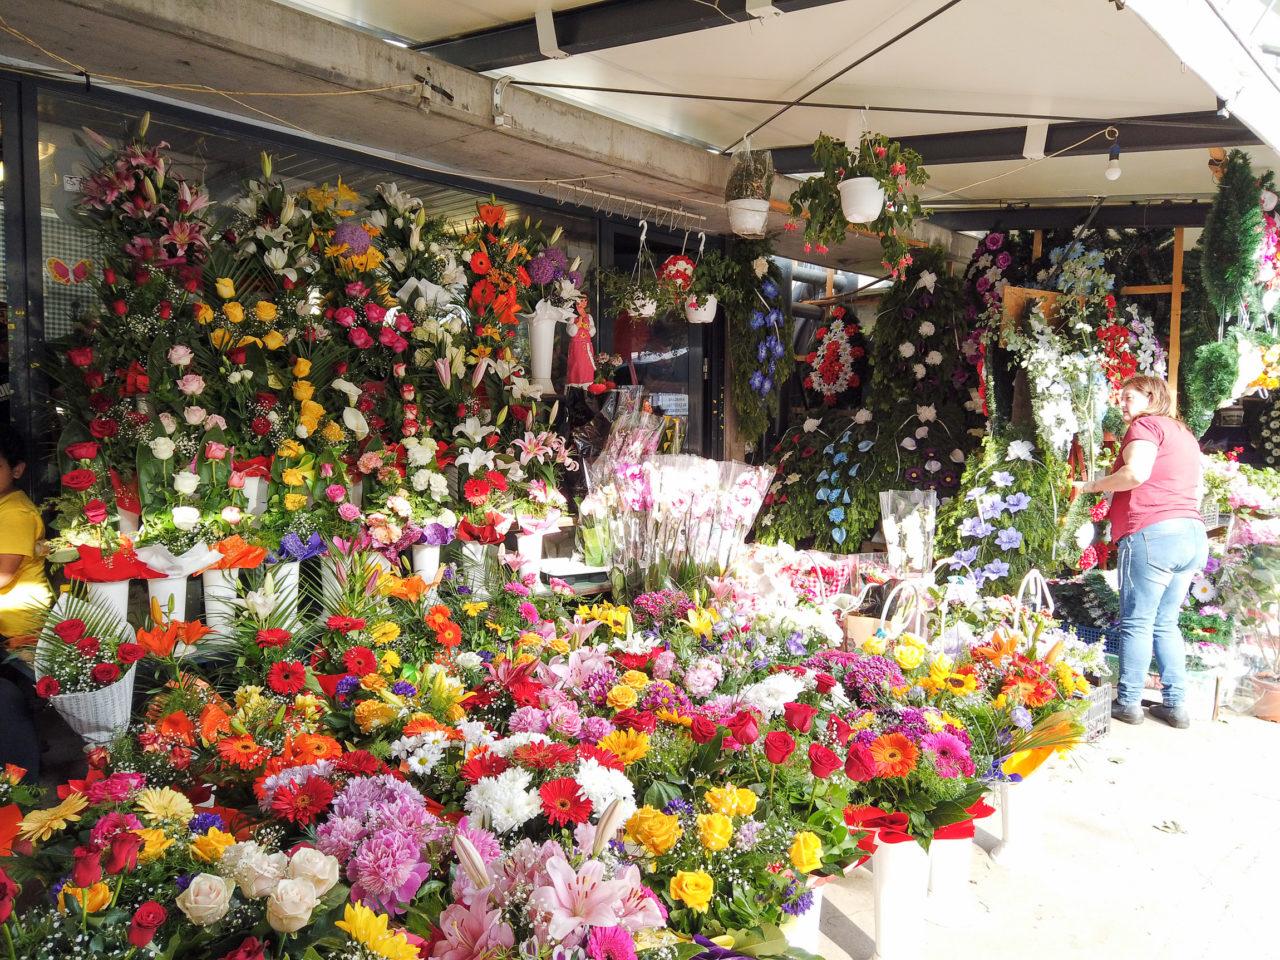 Blumengestecke auf dem Markt